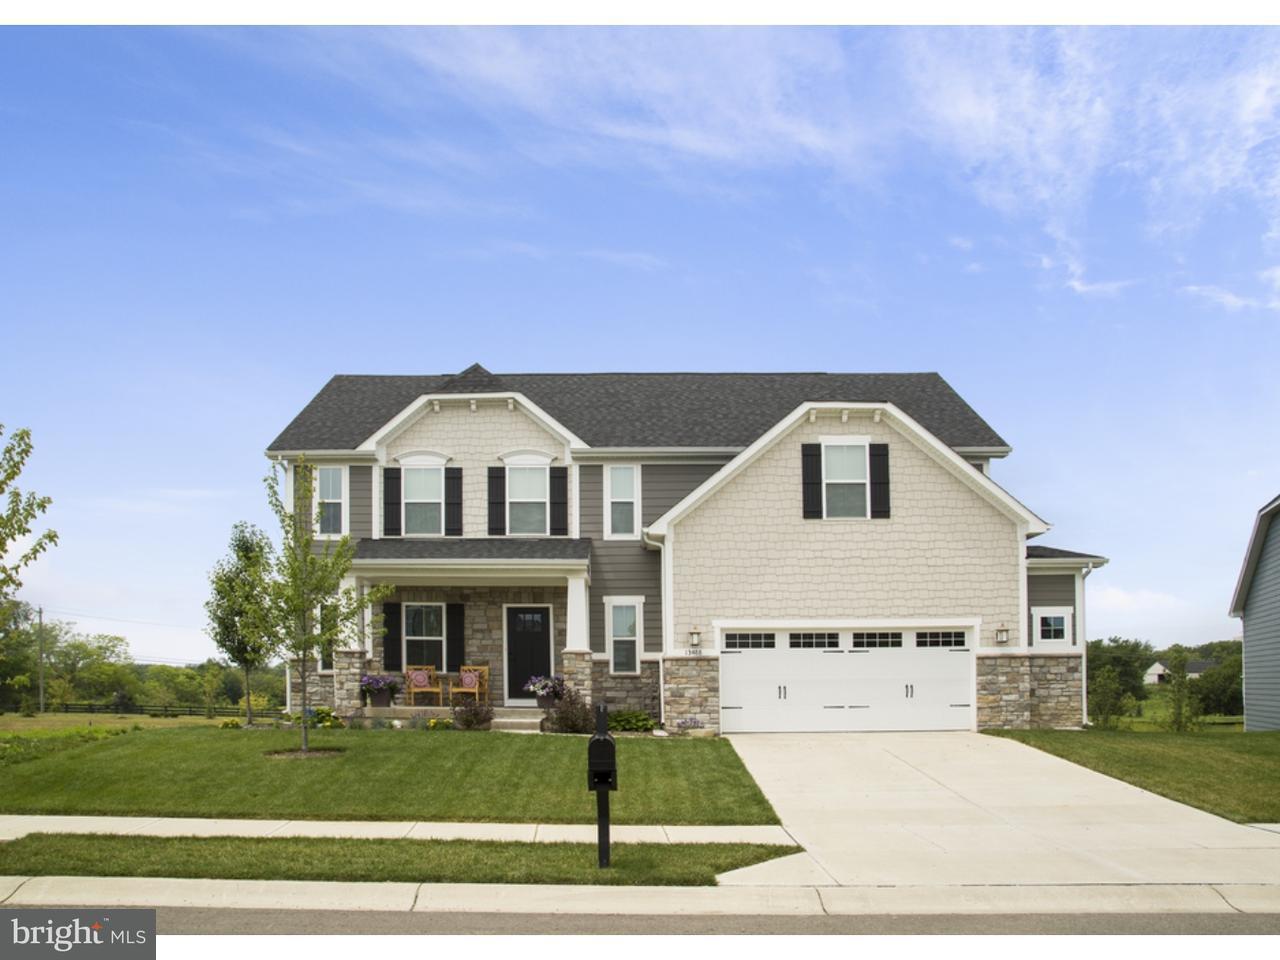 独户住宅 为 销售 在 3 PEAR TREE Court Delran, 新泽西州 08075 美国